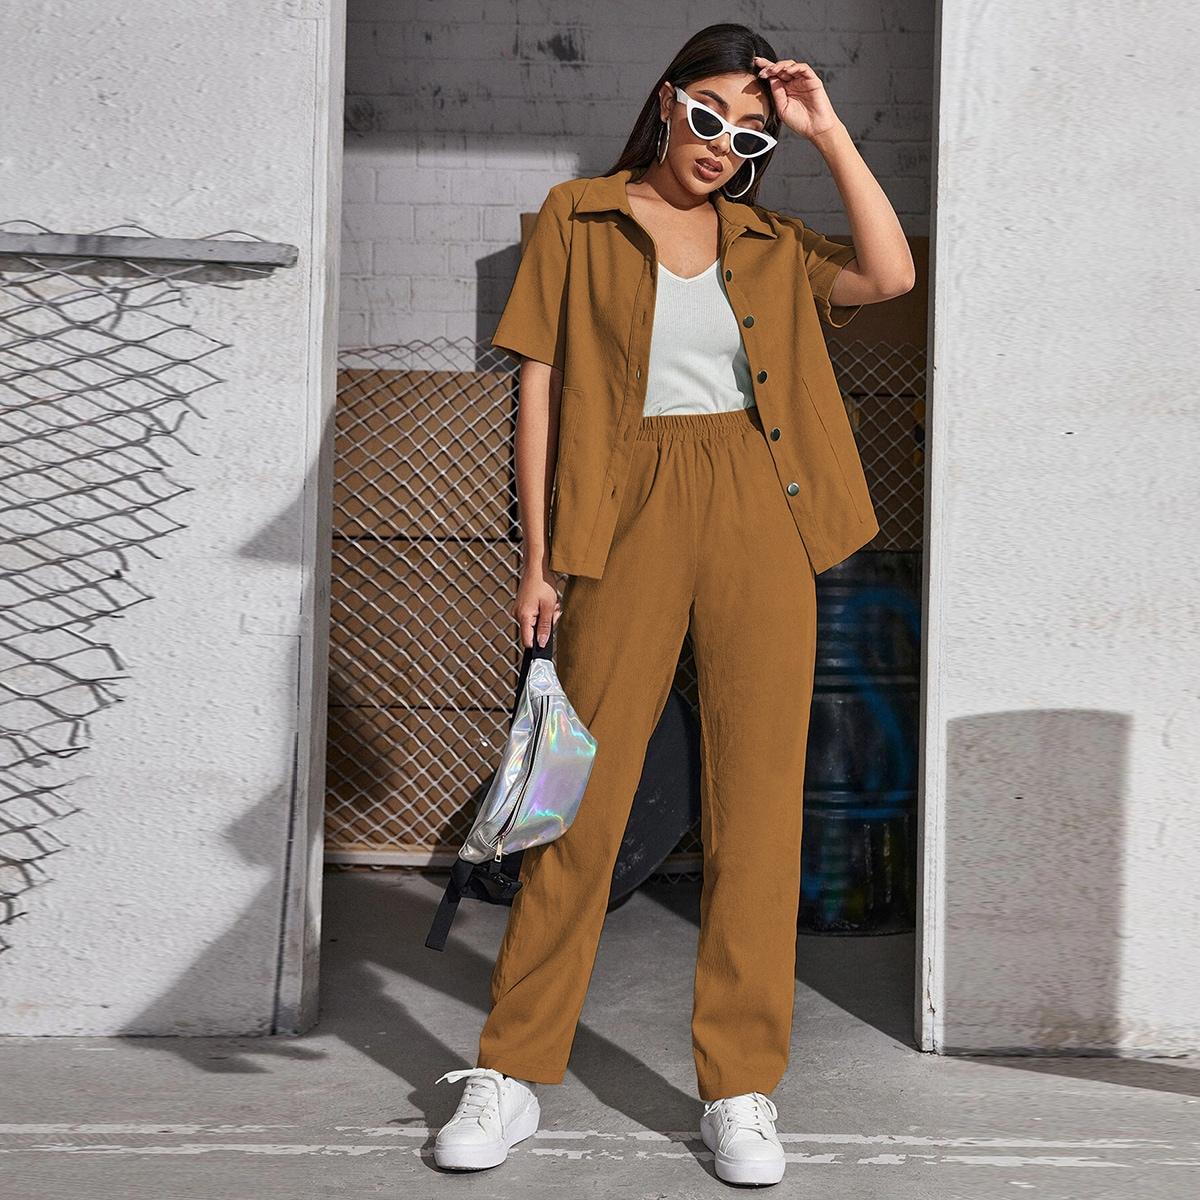 Вельветовая блузка на пуговицах и брюки SheIn swtwop25210423335